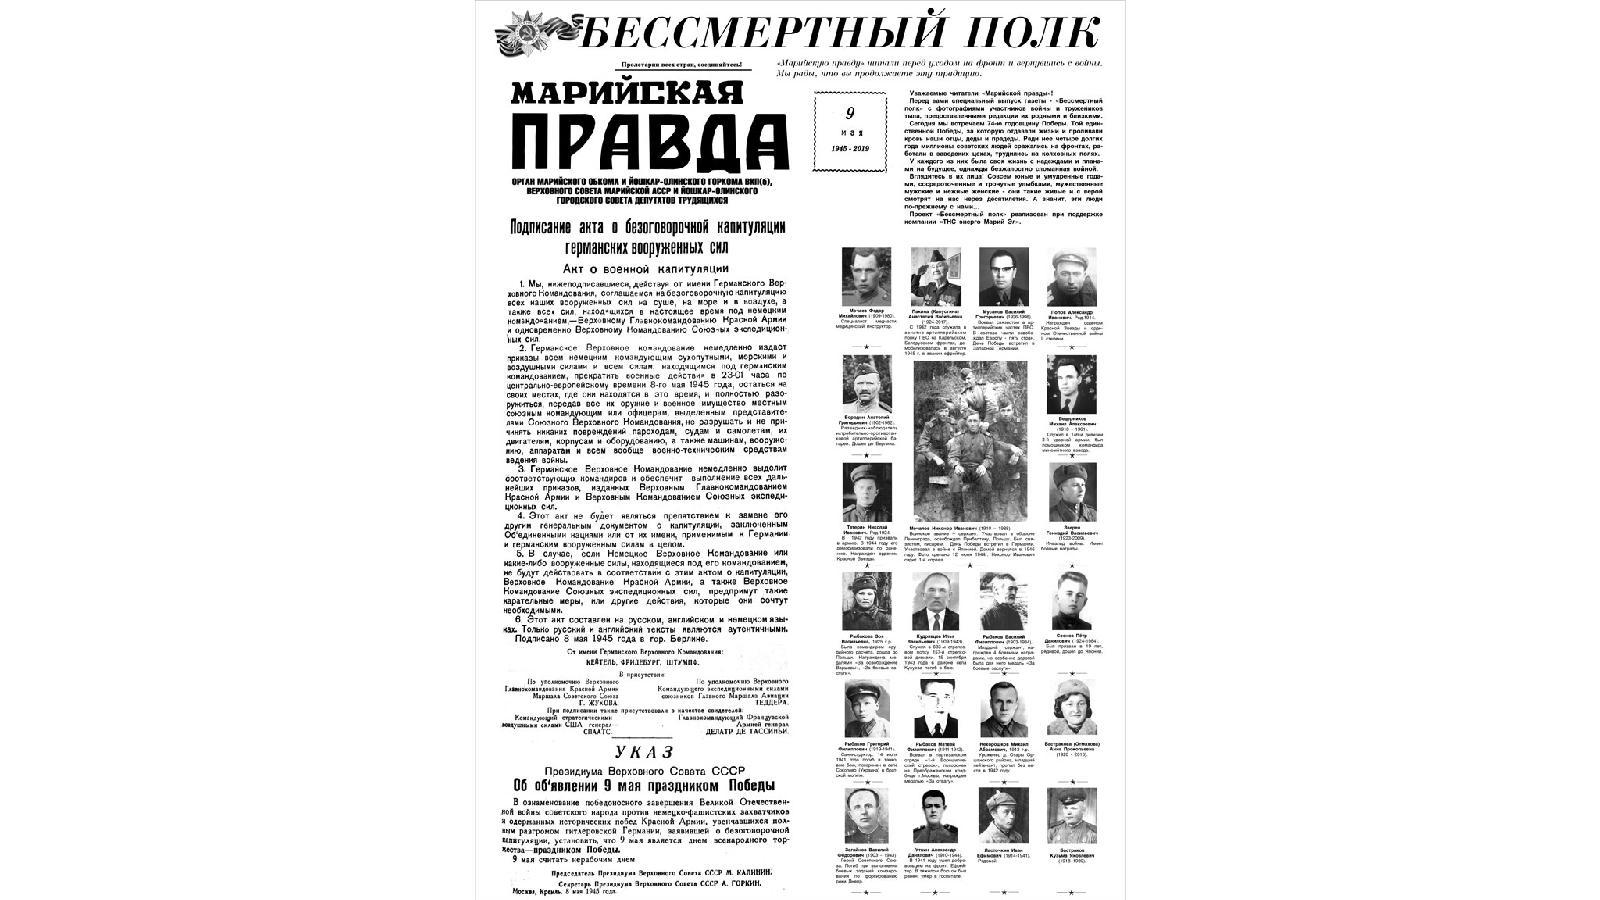 Спецвыпуск сделан на базе макета «МП» от 9 мая 1945 года